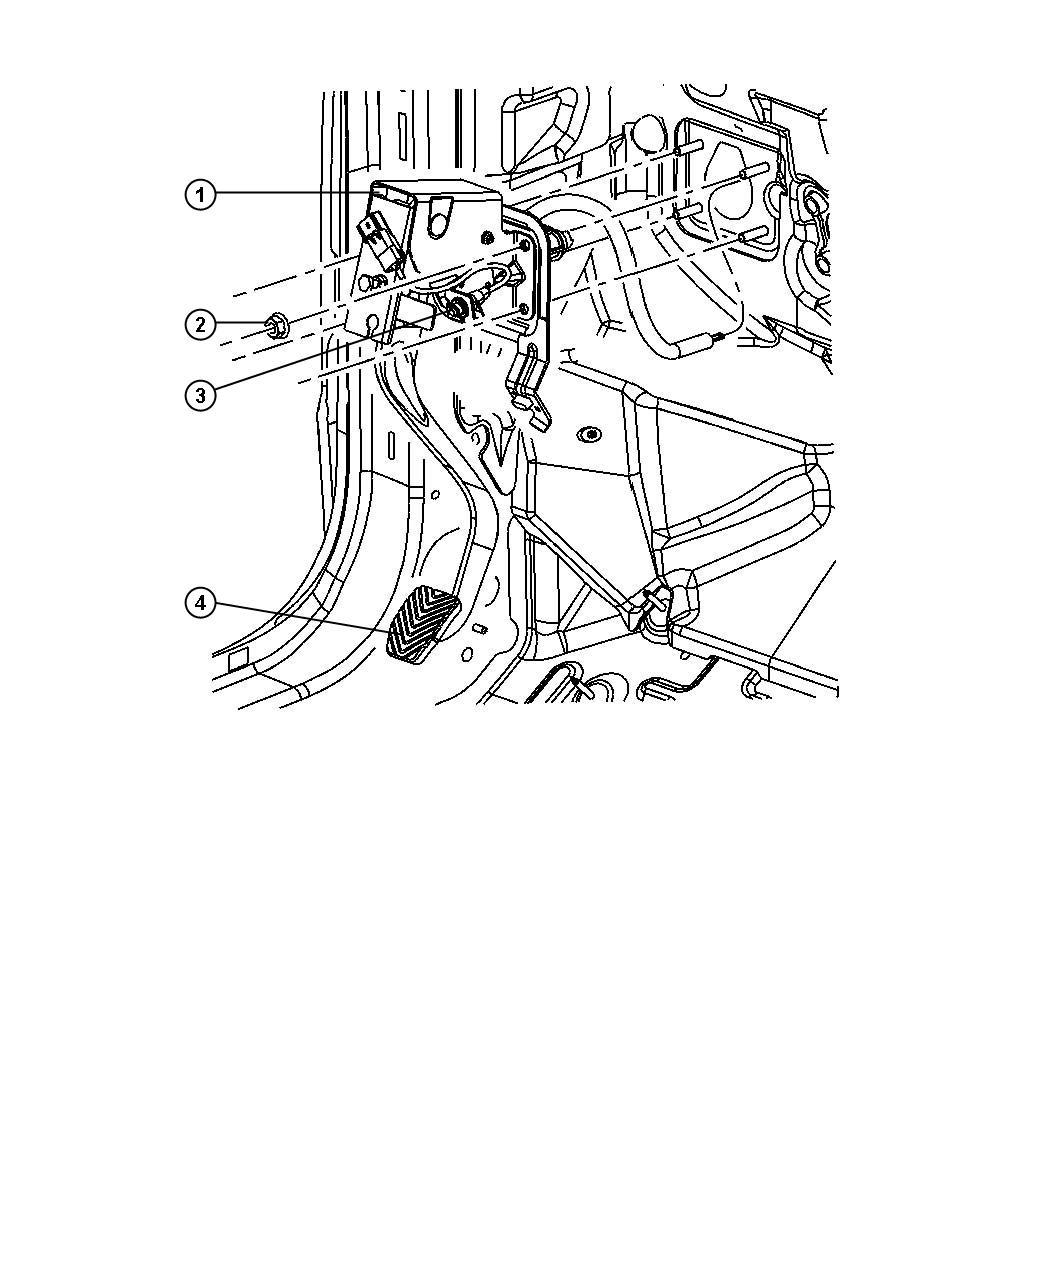 Jeep Compass Switch. Clutch starter interlock. [6-speed